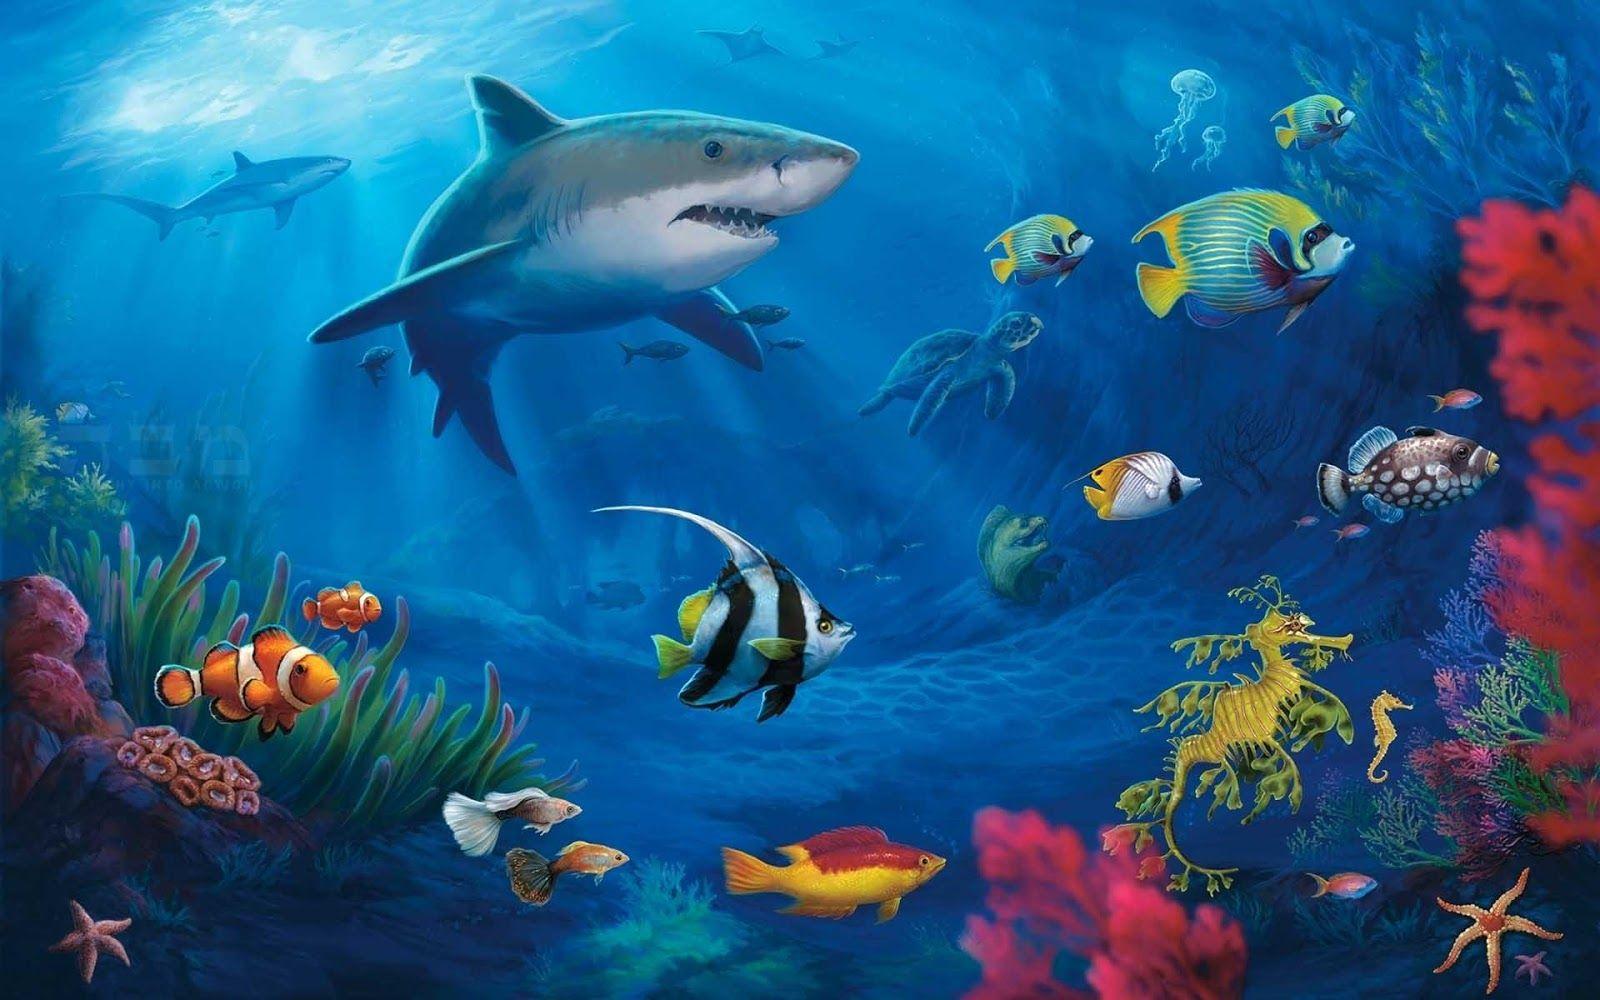 Ocean Live Wallpaper Pc Underwater Wallpaper Live Fish Wallpaper Fish Wallpaper Underwater living room background